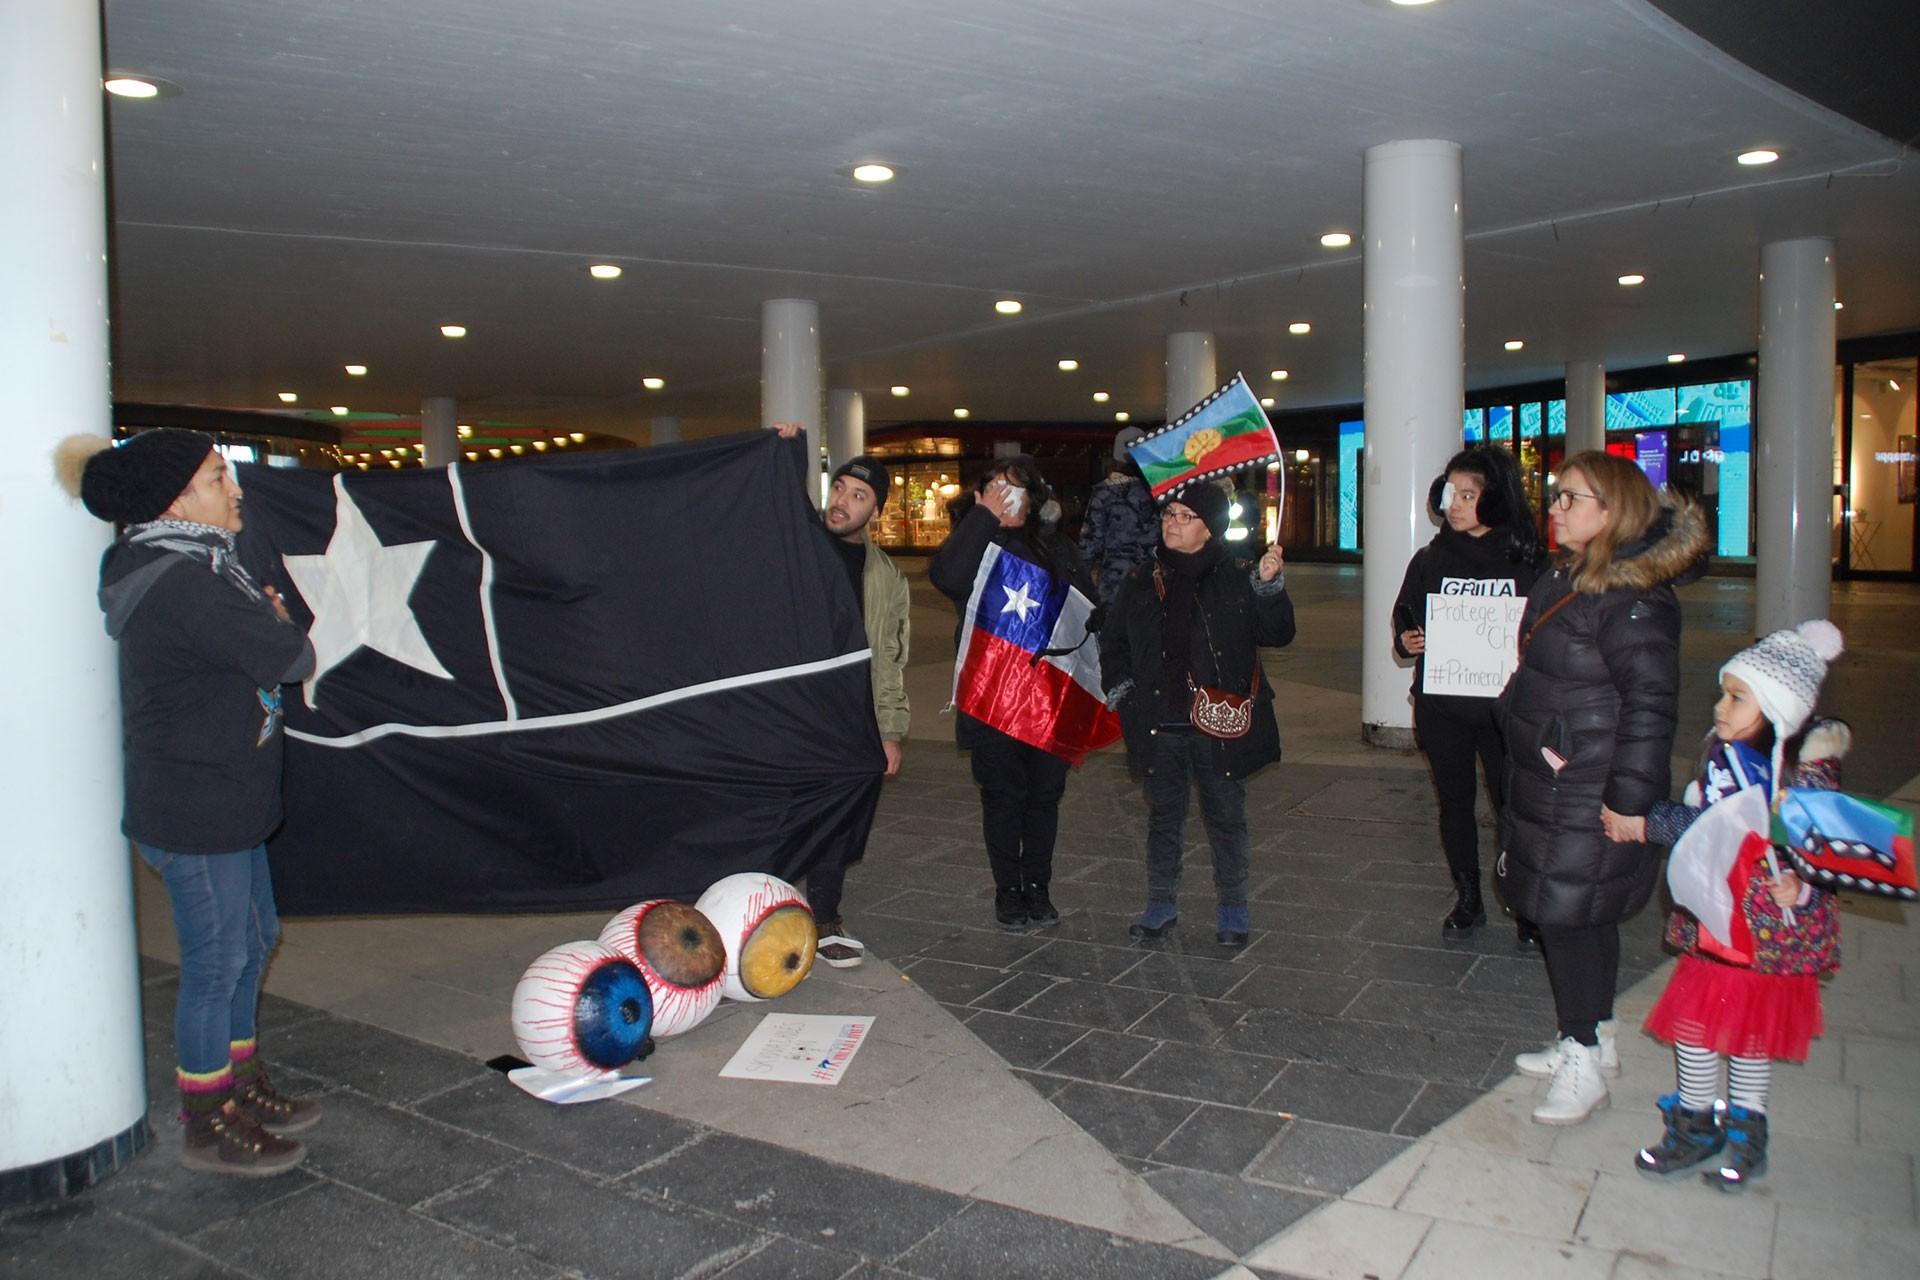 Stockholm'de Şilililerin eylemi